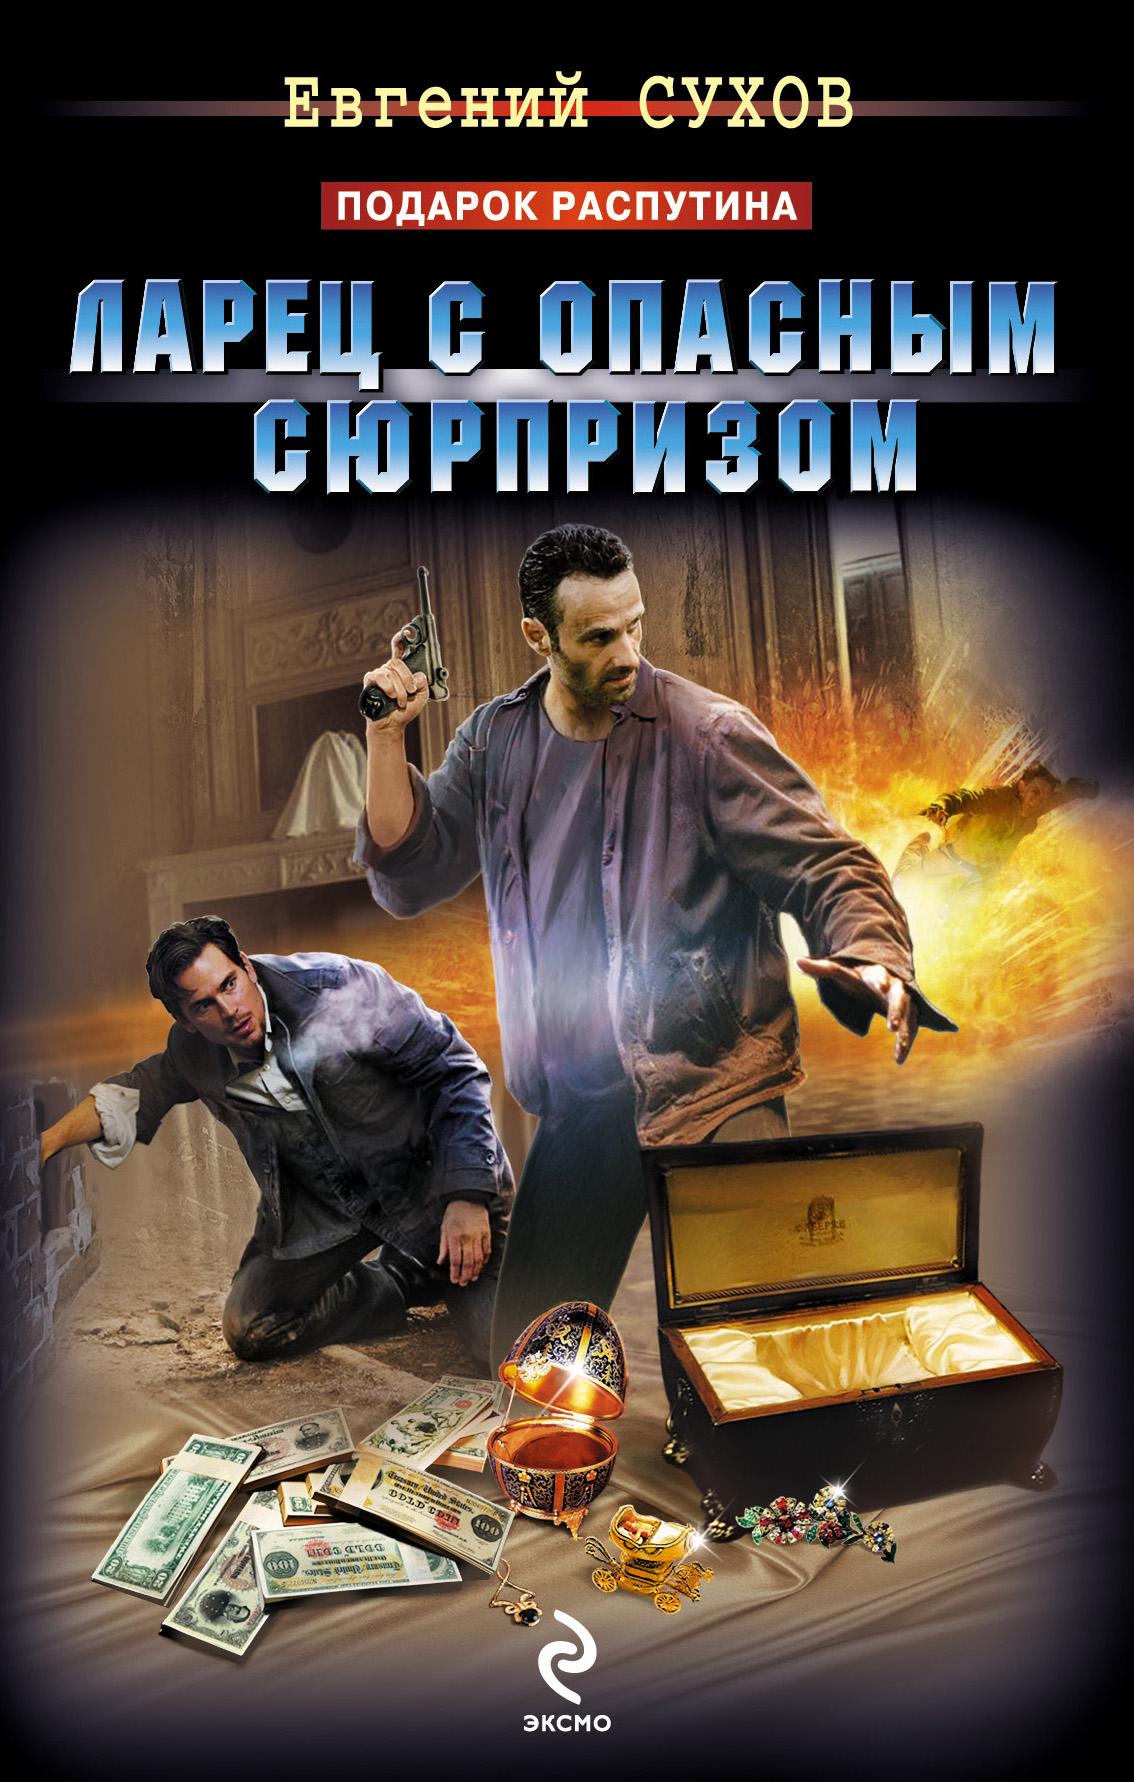 Евгений Сухов Ларец с опасным сюрпризом сухов евгений евгеньевич ларец с опасным сюрпризом